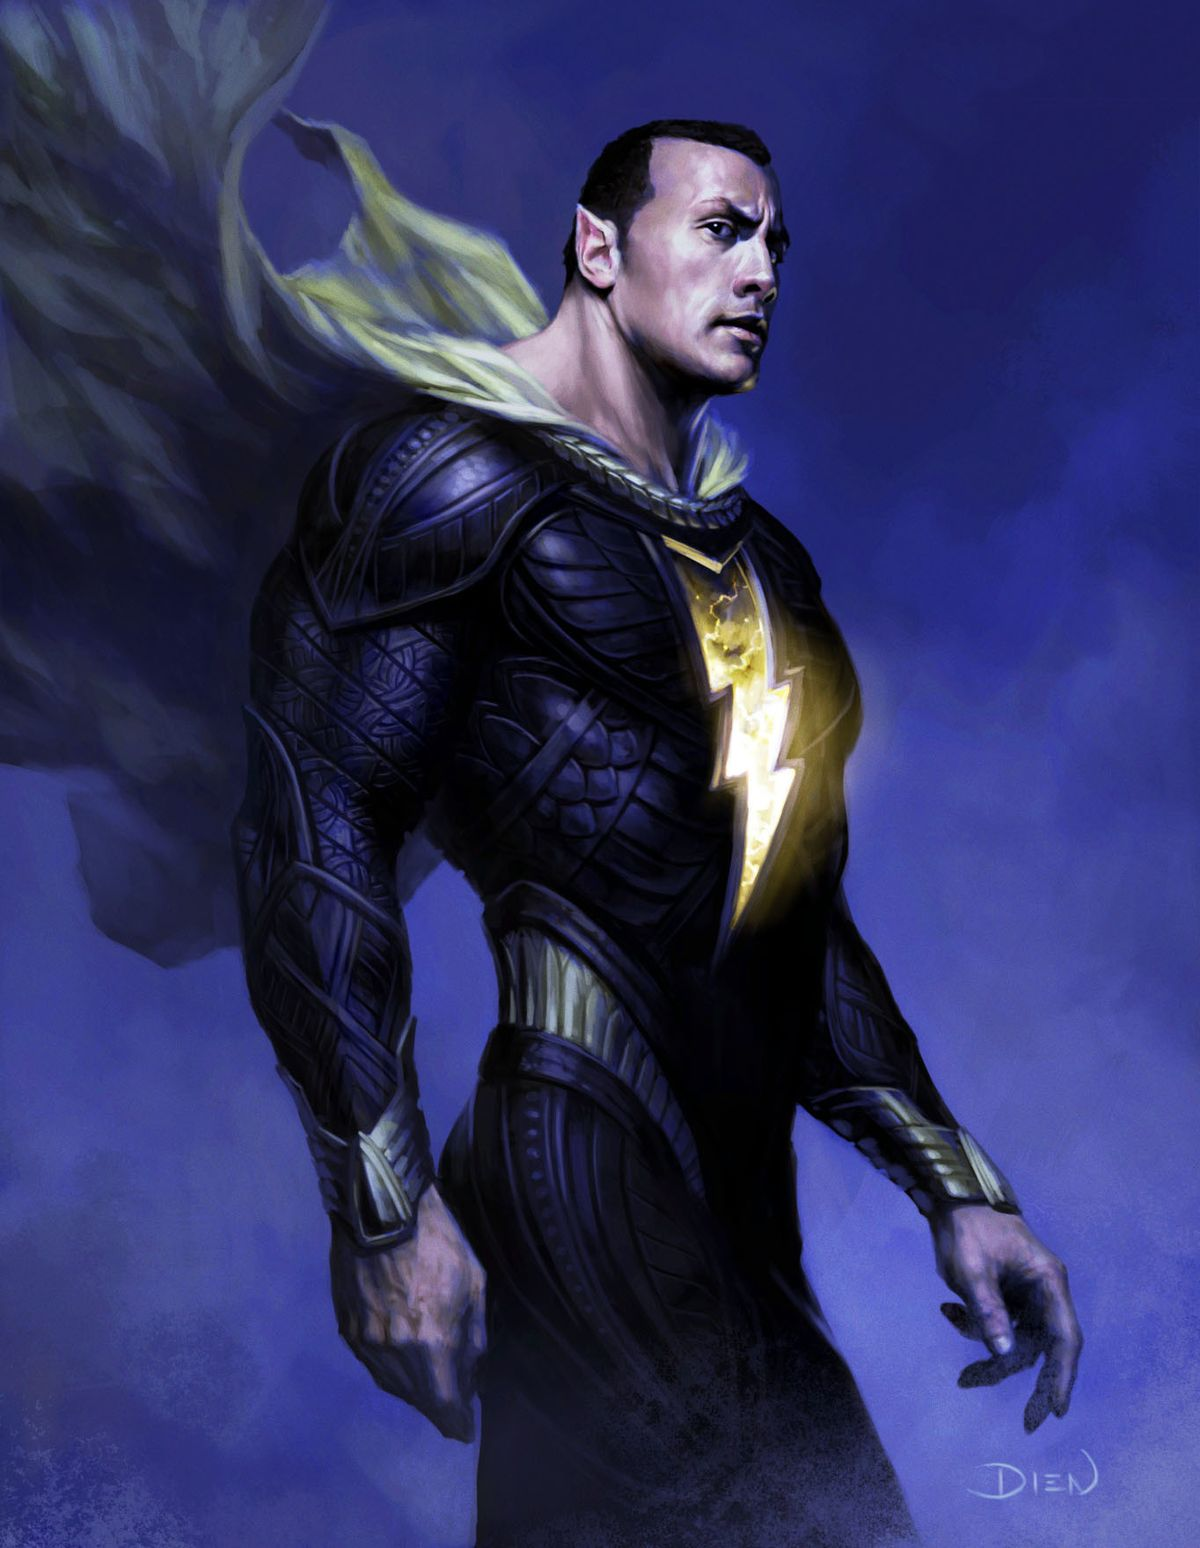 Shazam! vient à peine de sortir que DC prépare déjà Shazam 2. On ne change pas une équipe qui gagne. Scénariste, réalisateur et acteurs, tous reviennent.